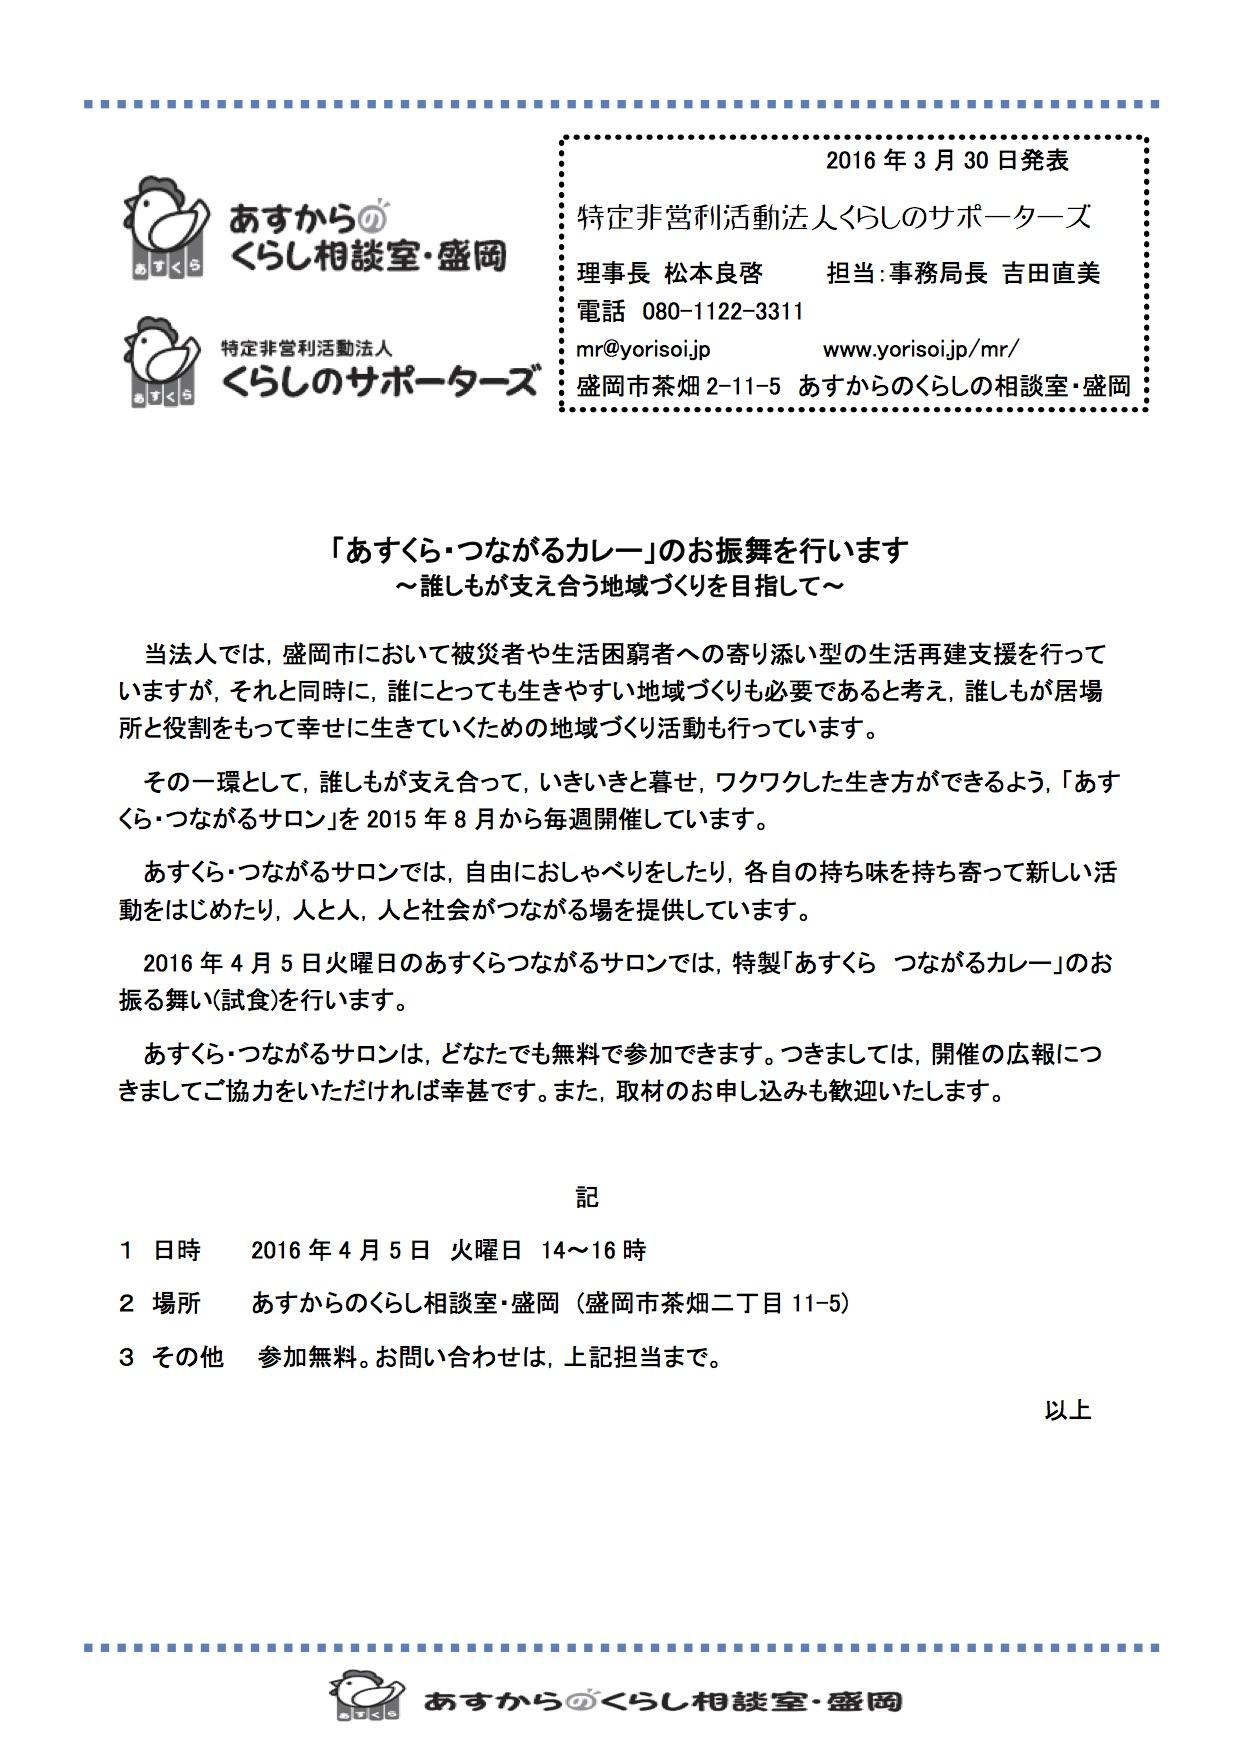 あすくら「つながるカレー」(2016年4月5日)_a0103650_0333326.jpg